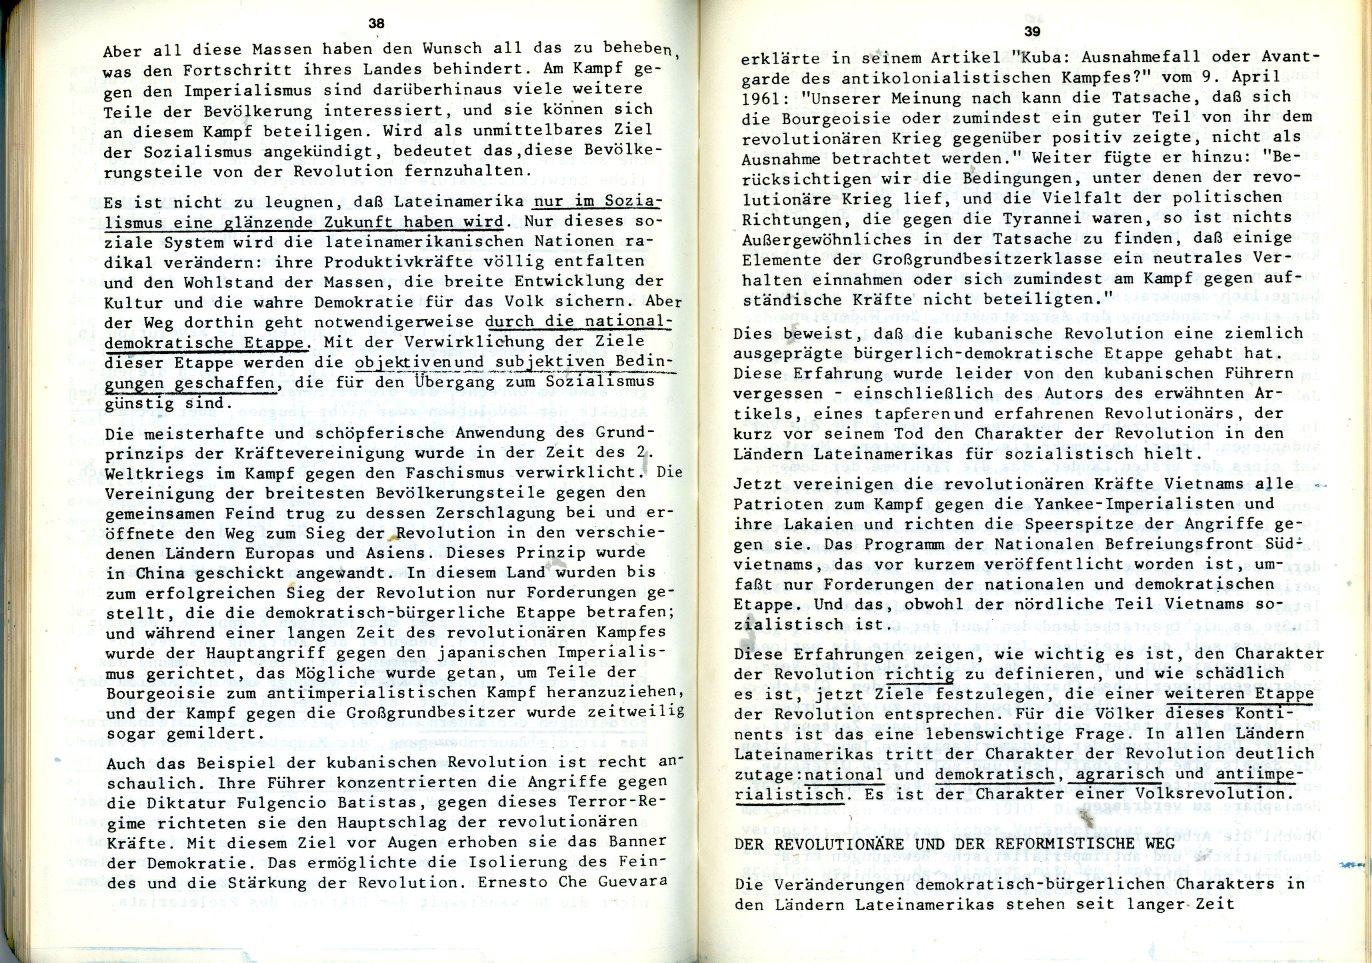 MLSK_Theorie_und_Praxis_des_ML_1978_20_28